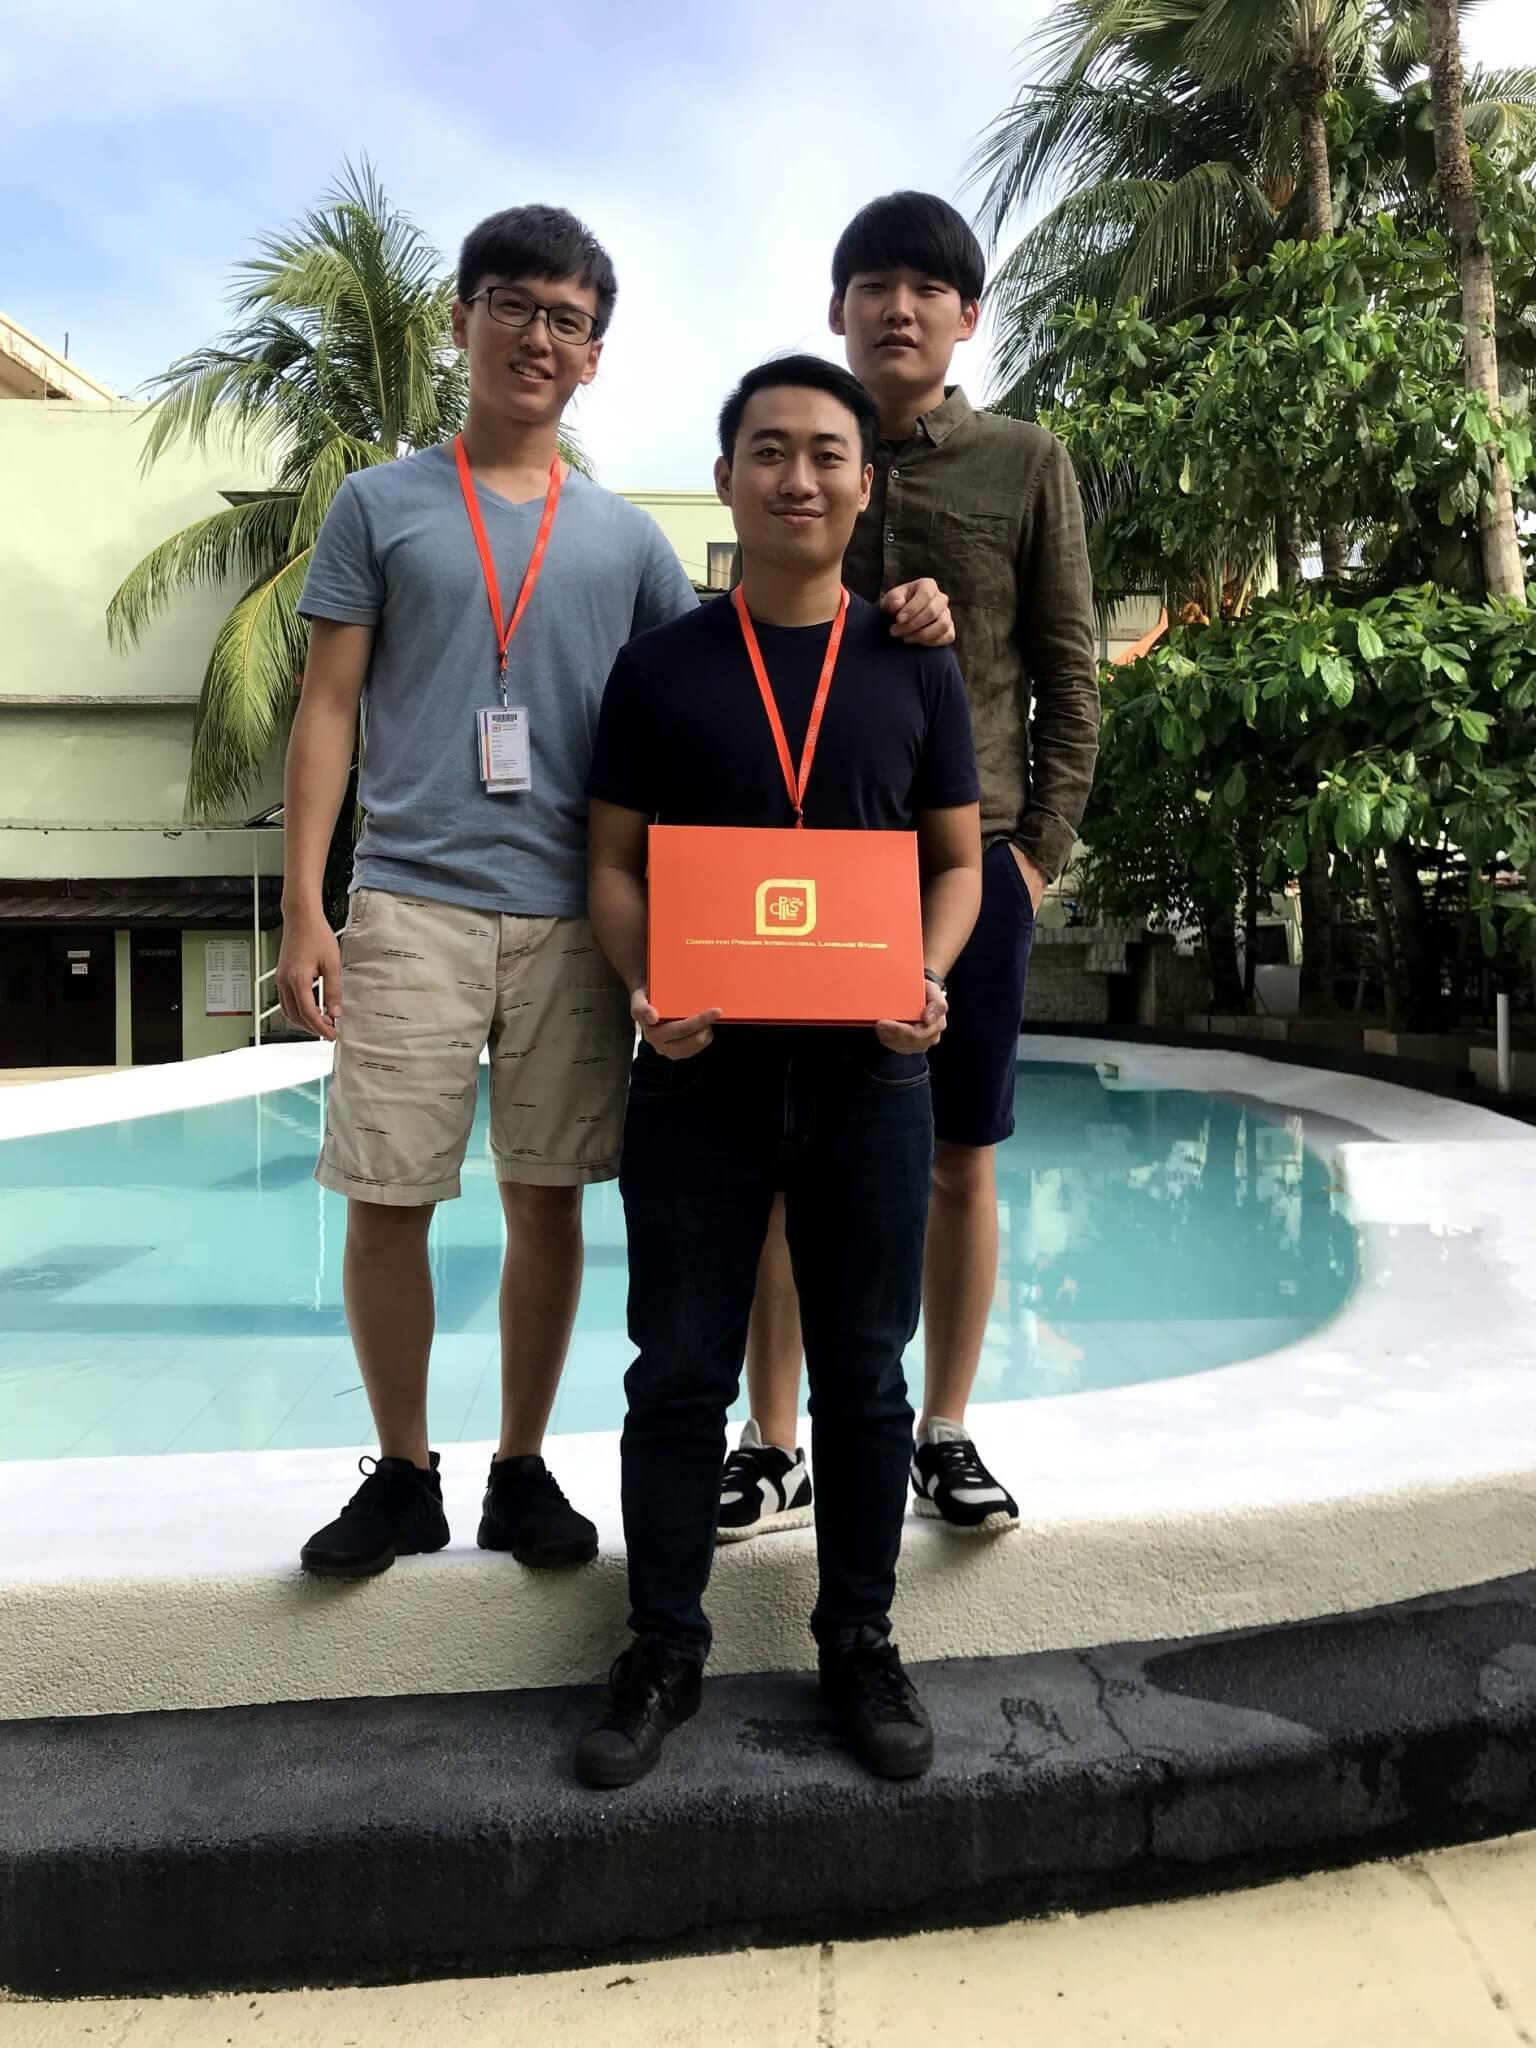 菲律賓遊學心得, 宿霧CPILS語言學校評價